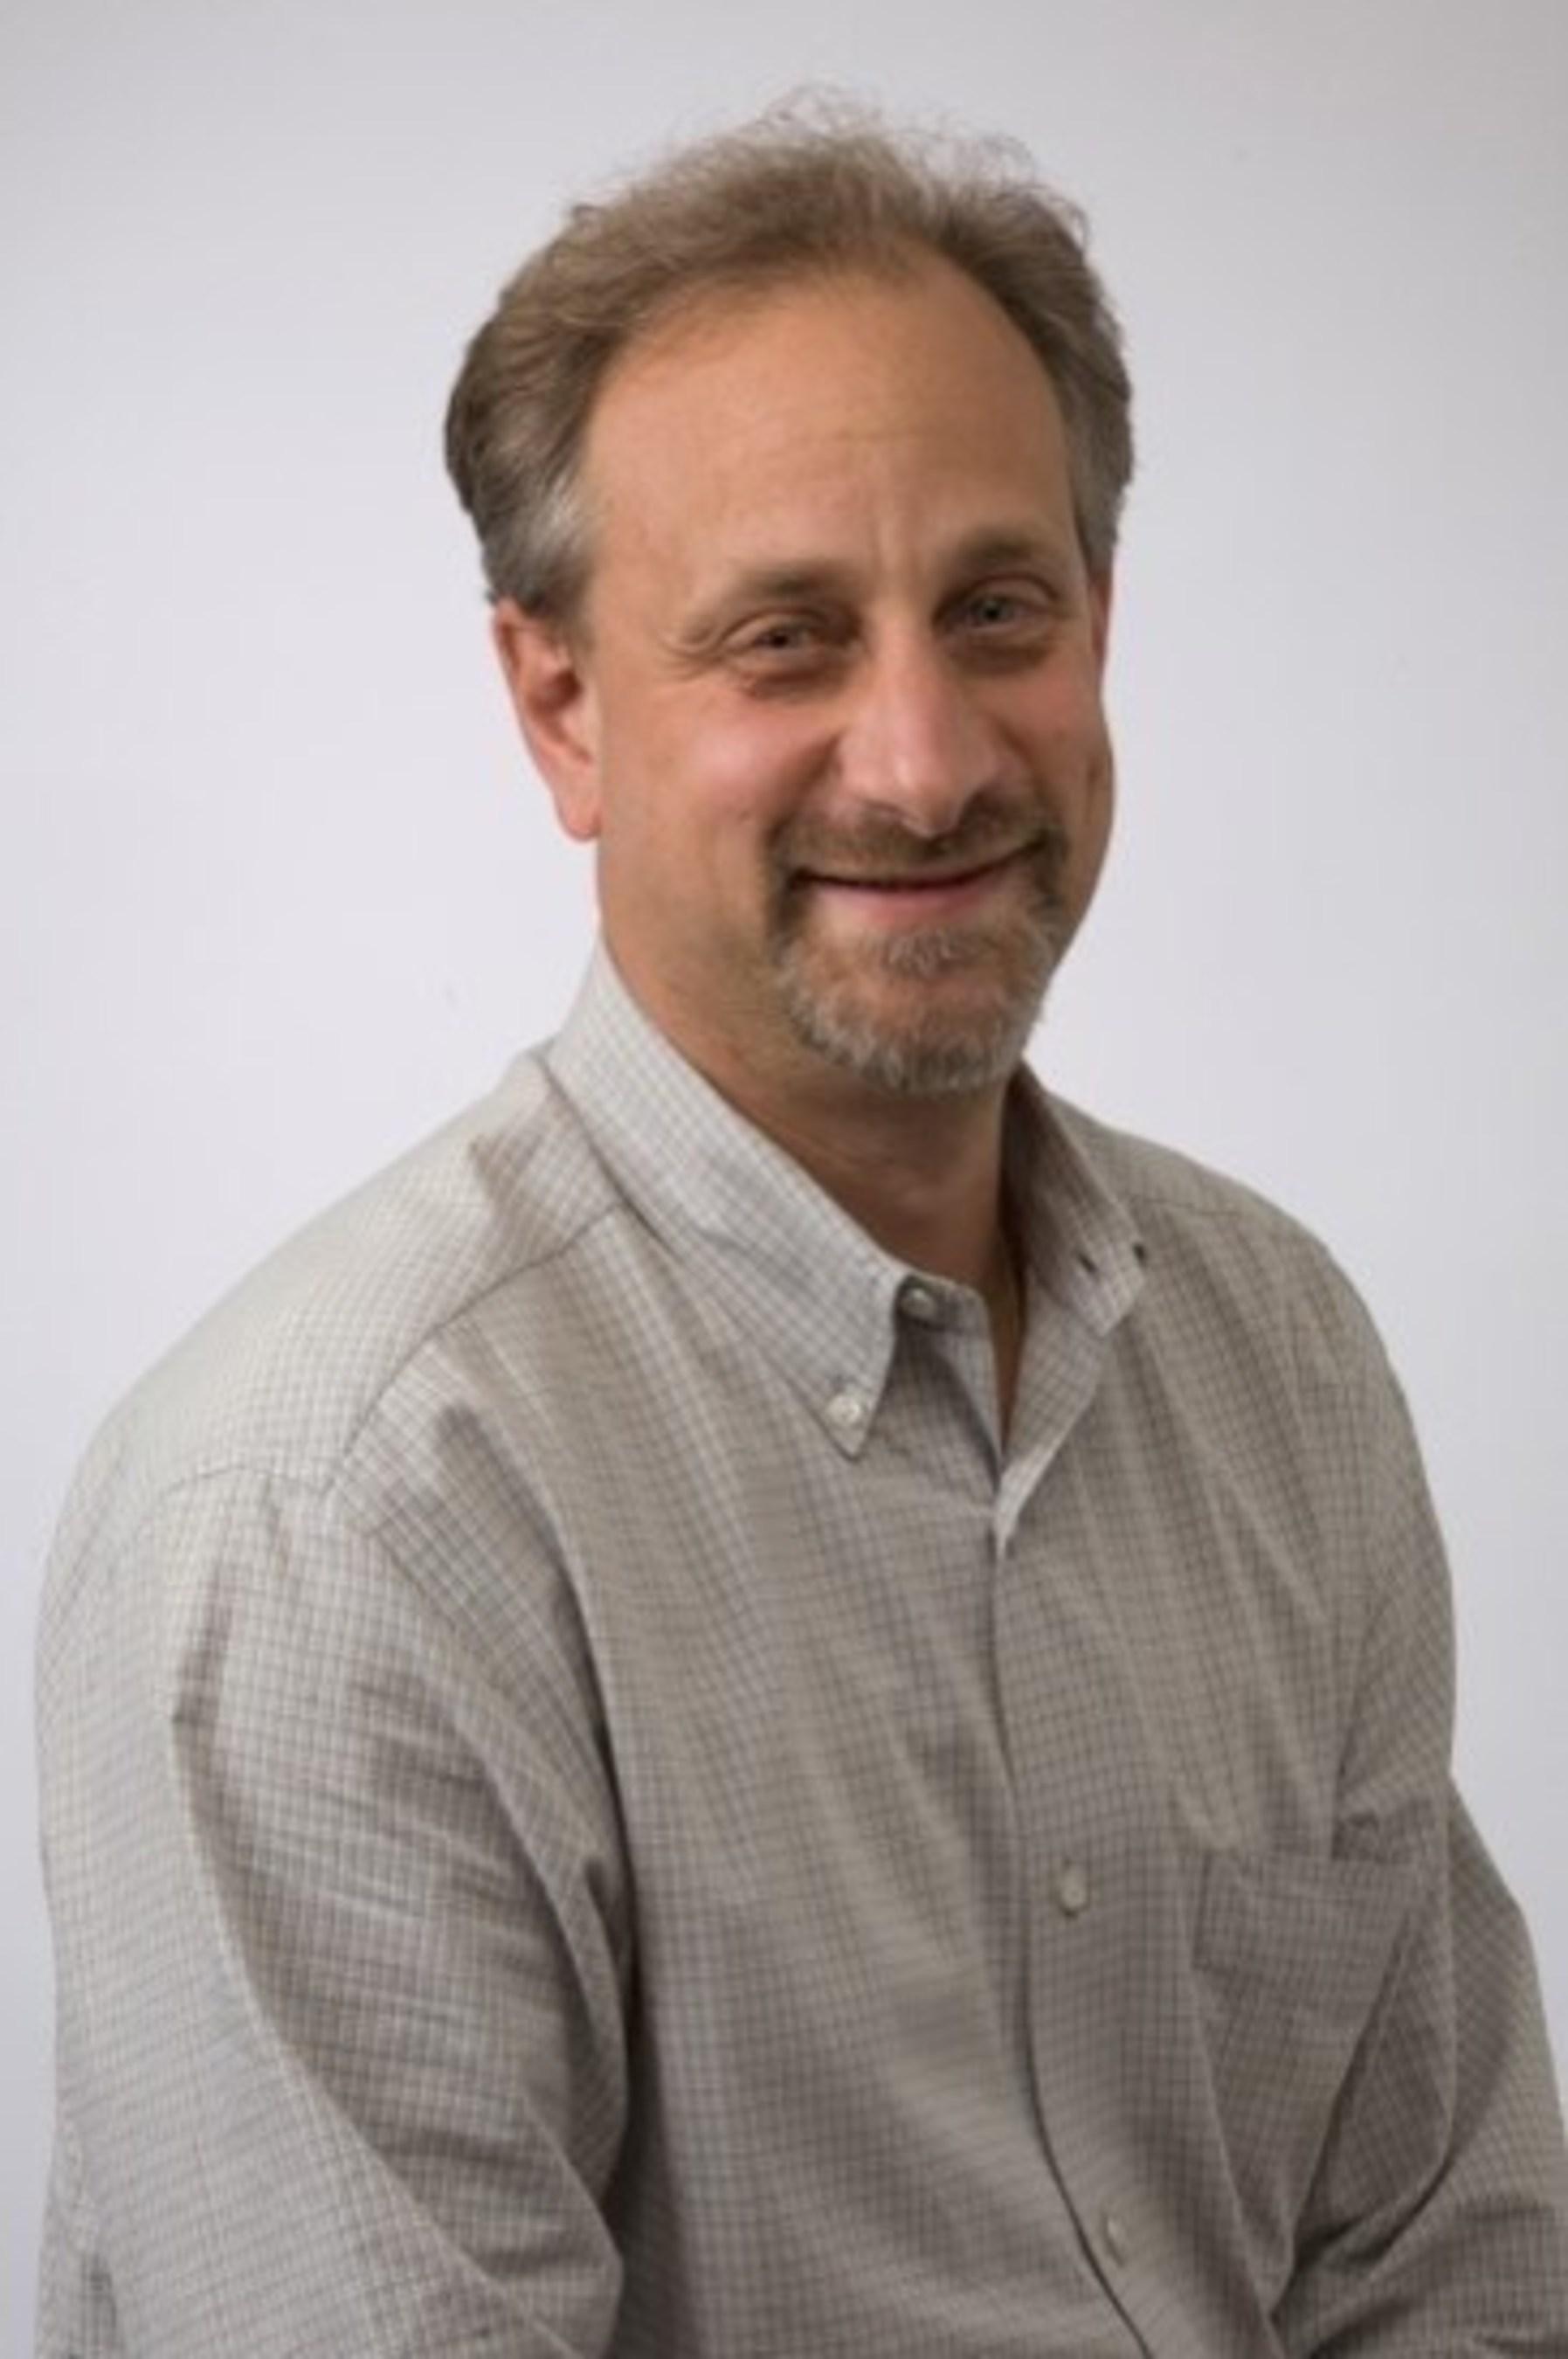 Lyle Schwartz, President of Investment, GroupM North America